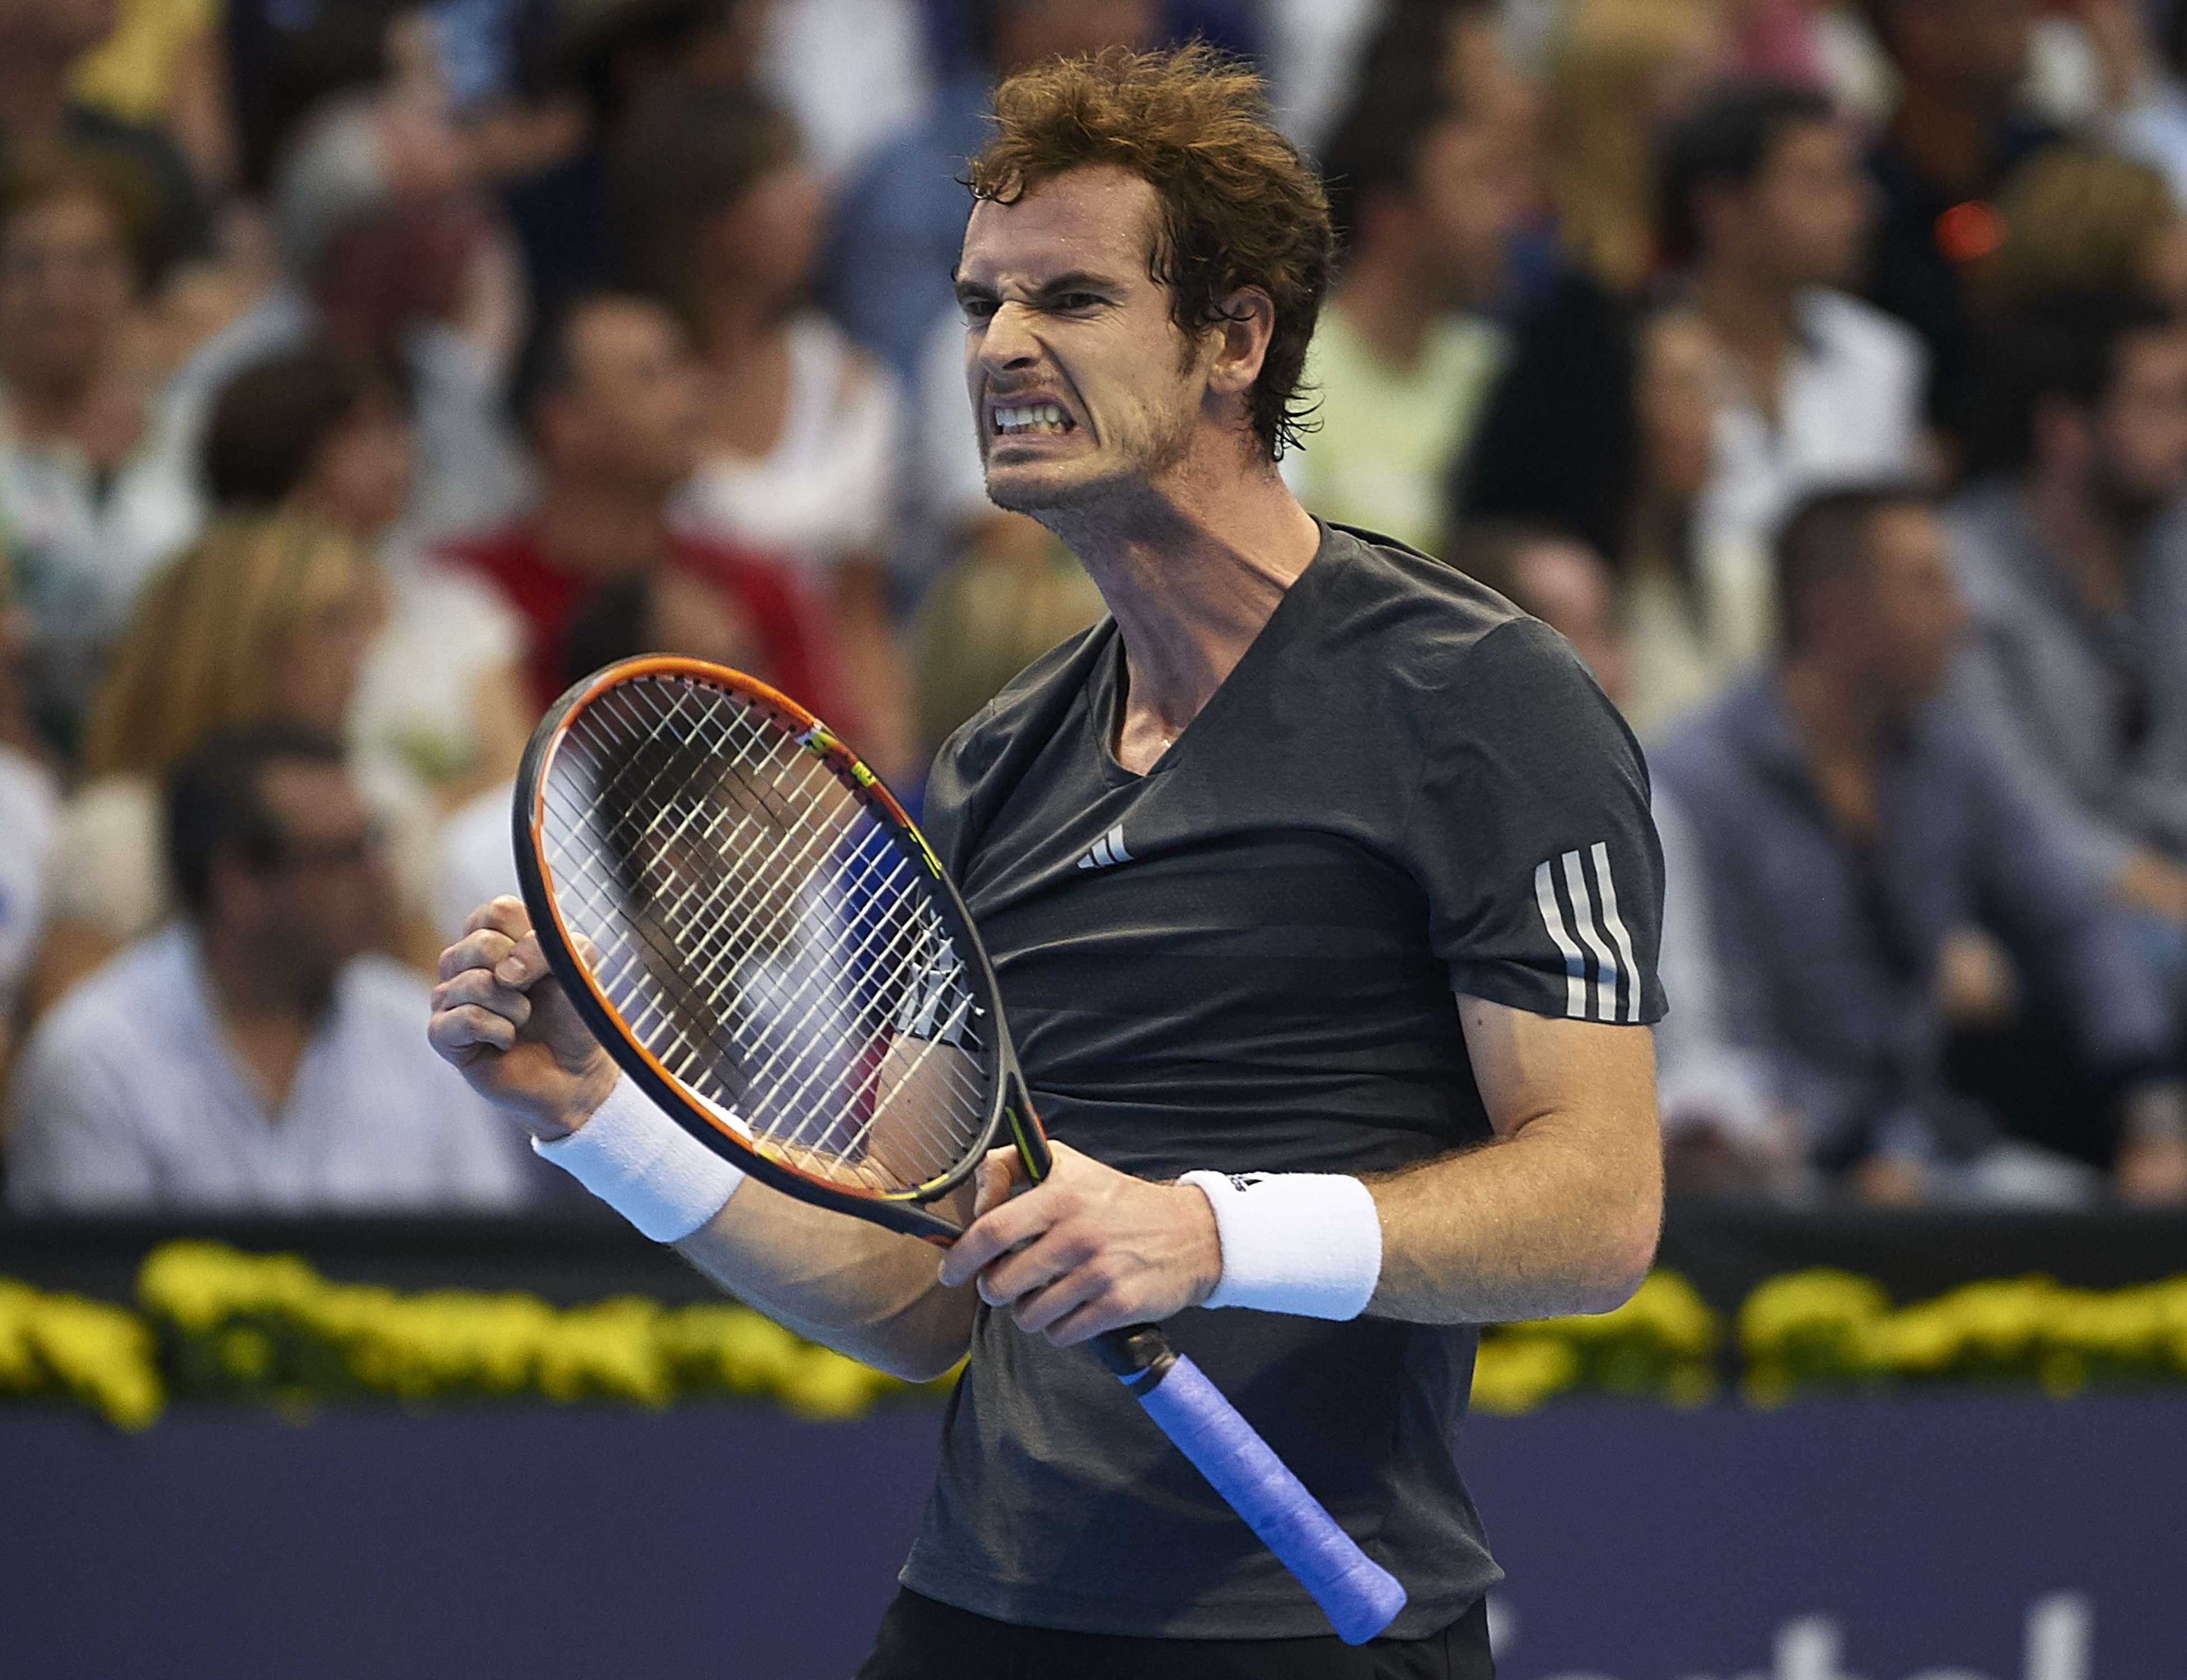 El escosés Andy Murray disfrutando abiertamente de su triunfo ante Ferrer Foto: Gettyimages